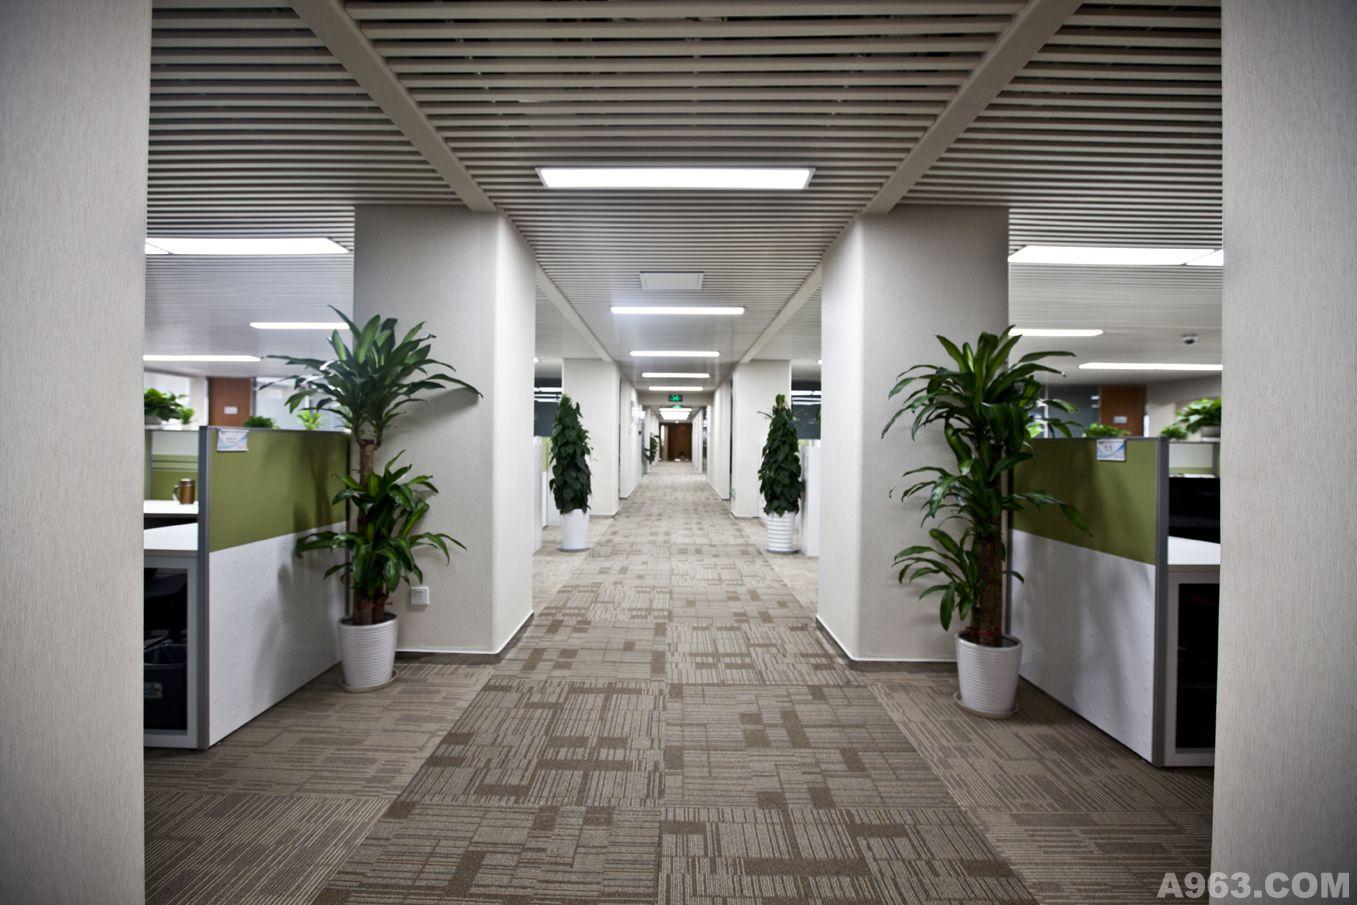 作品中心 公共空间 办公空间 > 张军华作品    设计思路: 通过对现有